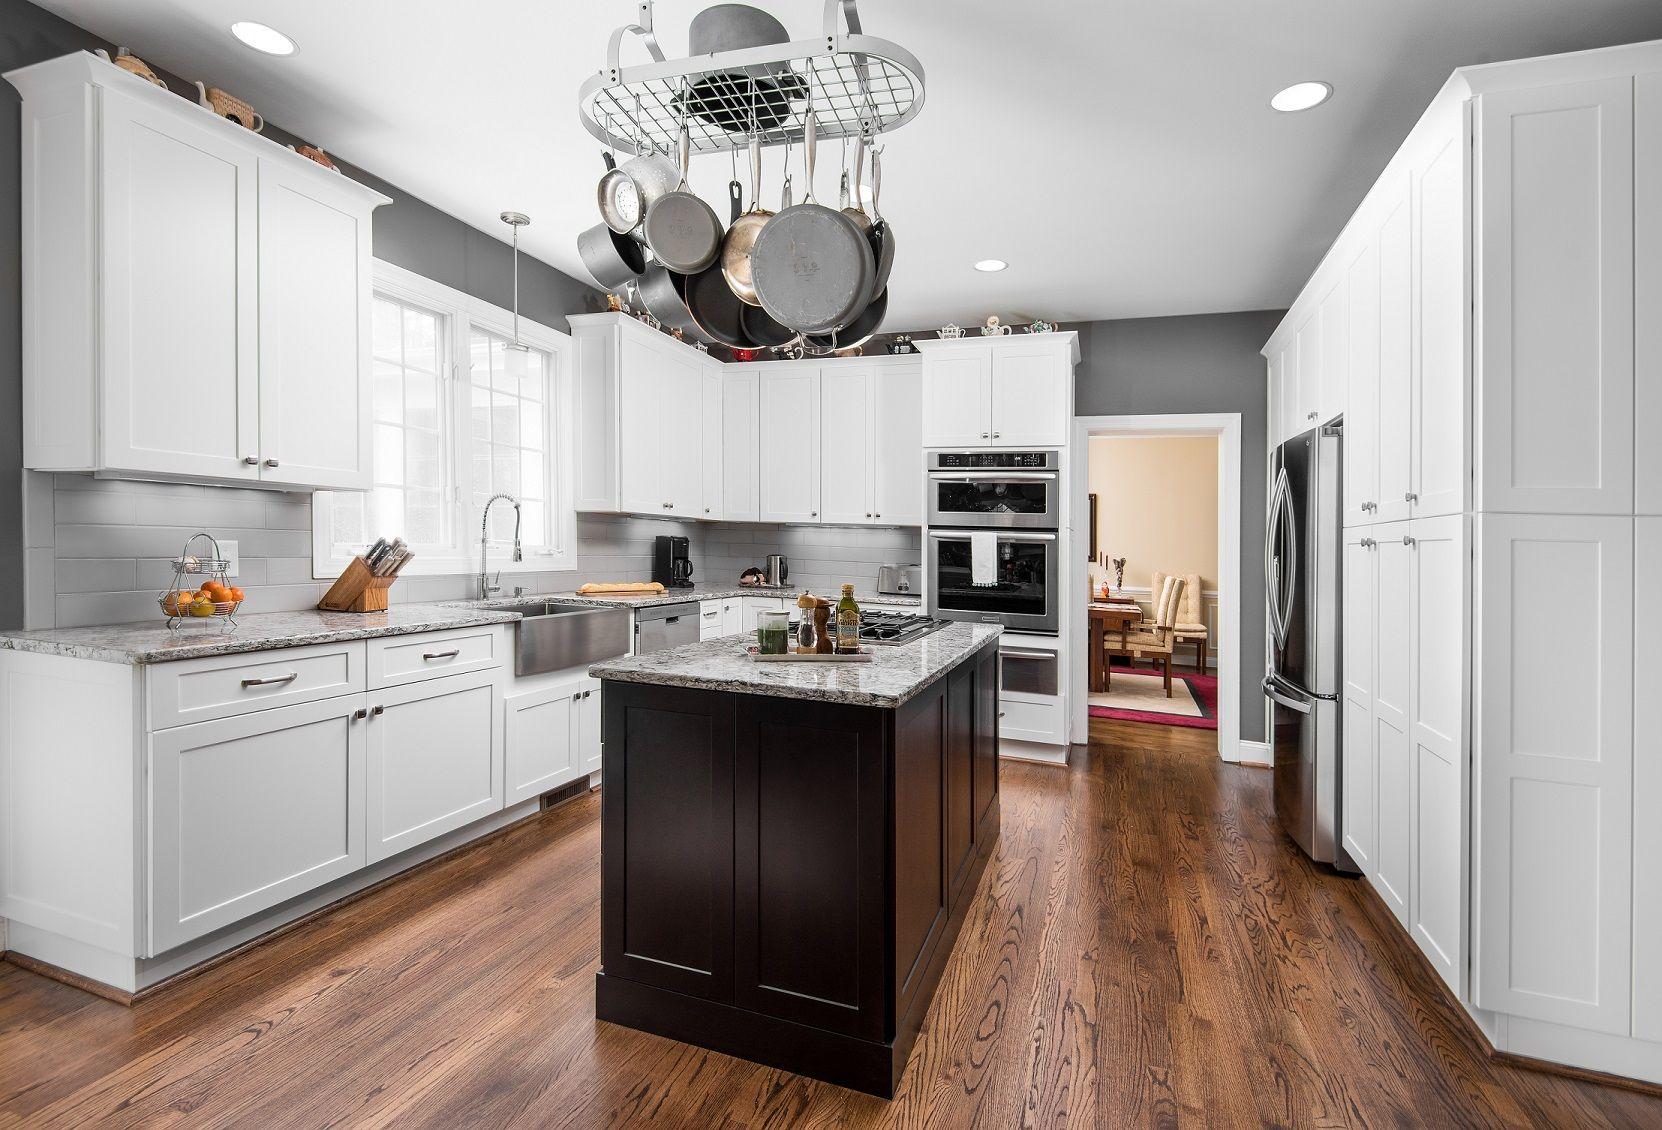 Wunderbar Shaker Küchenschranktüren Nur Fotos - Küchenschrank Ideen ...